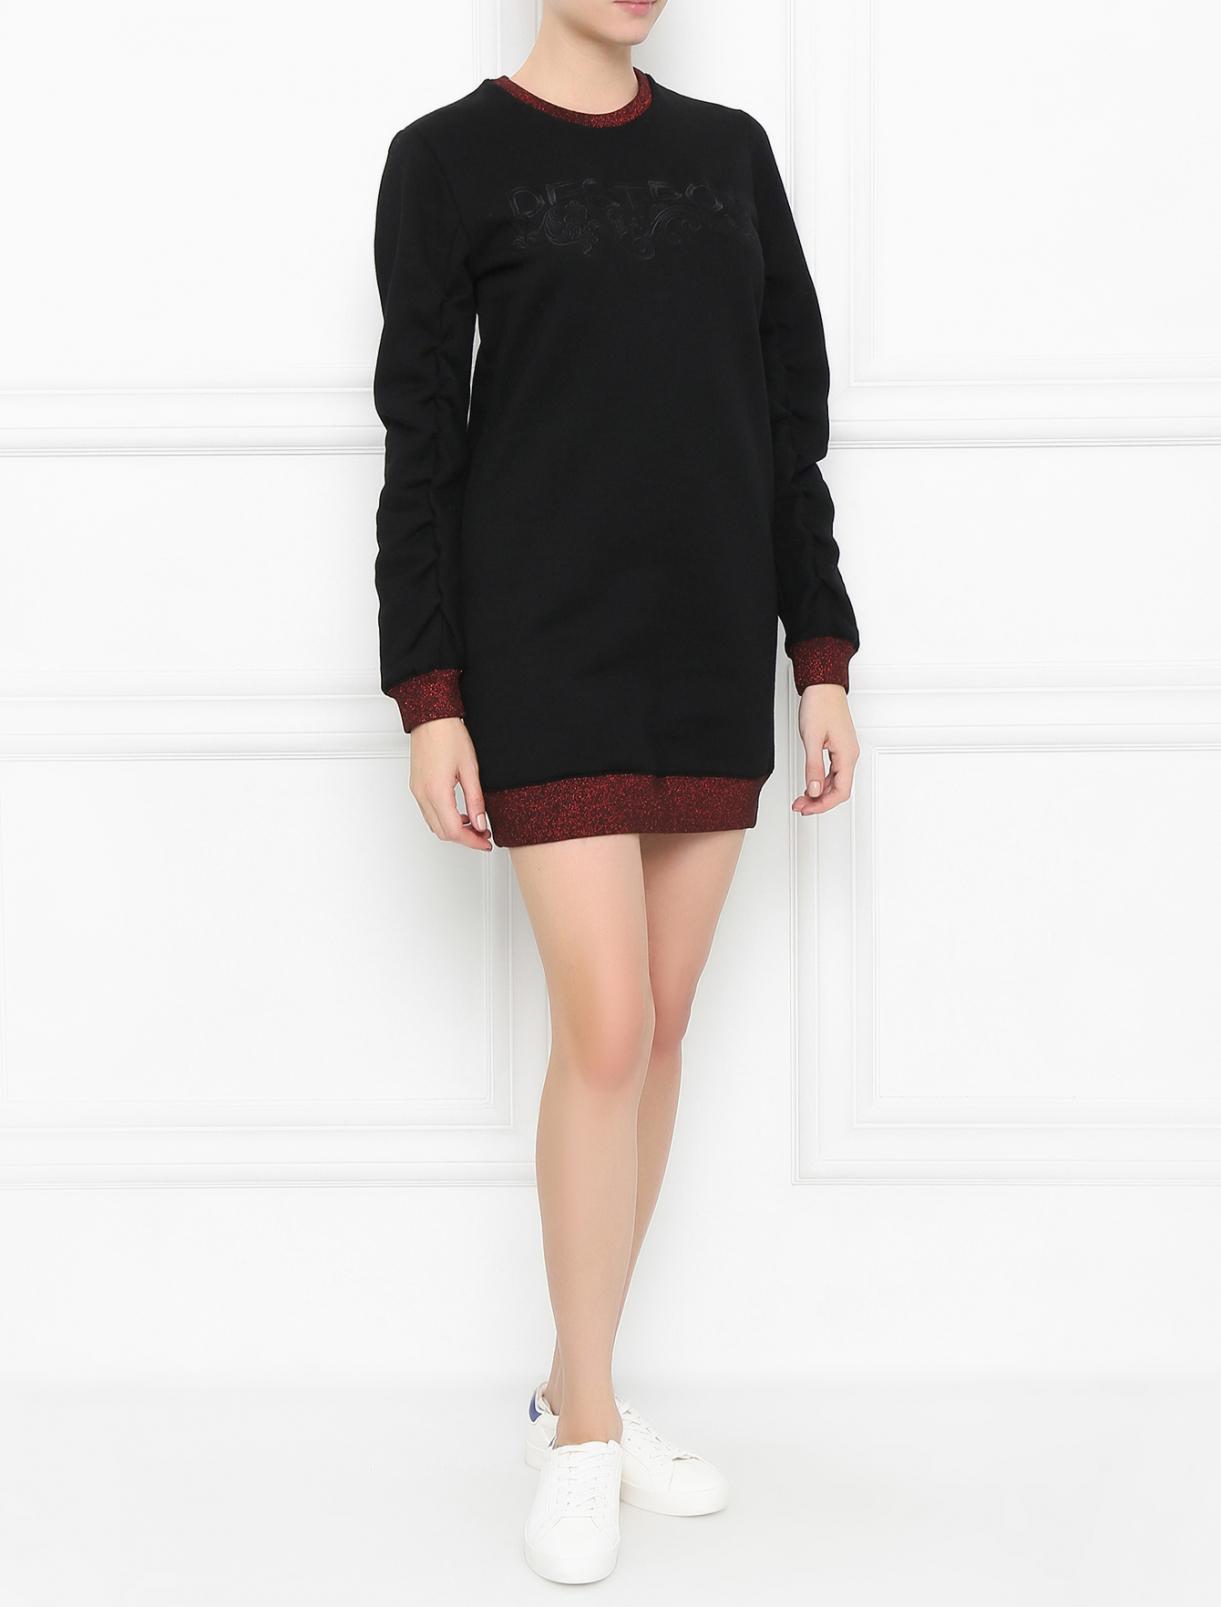 Платье из хлопка с вышивкой Zoe Karssen  –  Модель Общий вид  – Цвет:  Черный